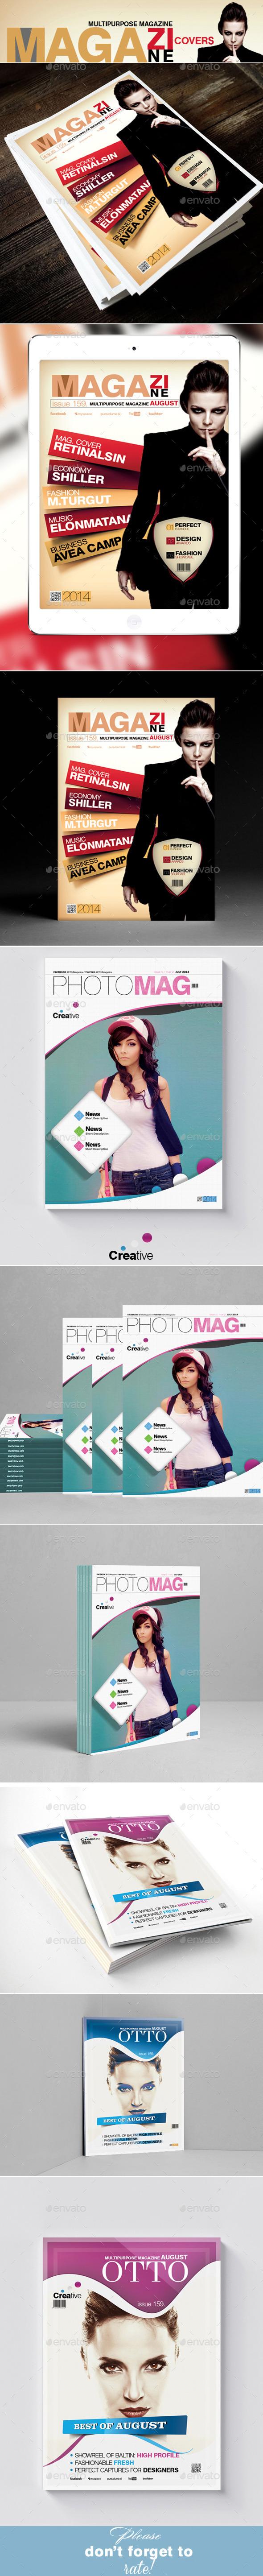 GraphicRiver Multipurpose Magazine Cover Templates Bundle 3in1 11215638